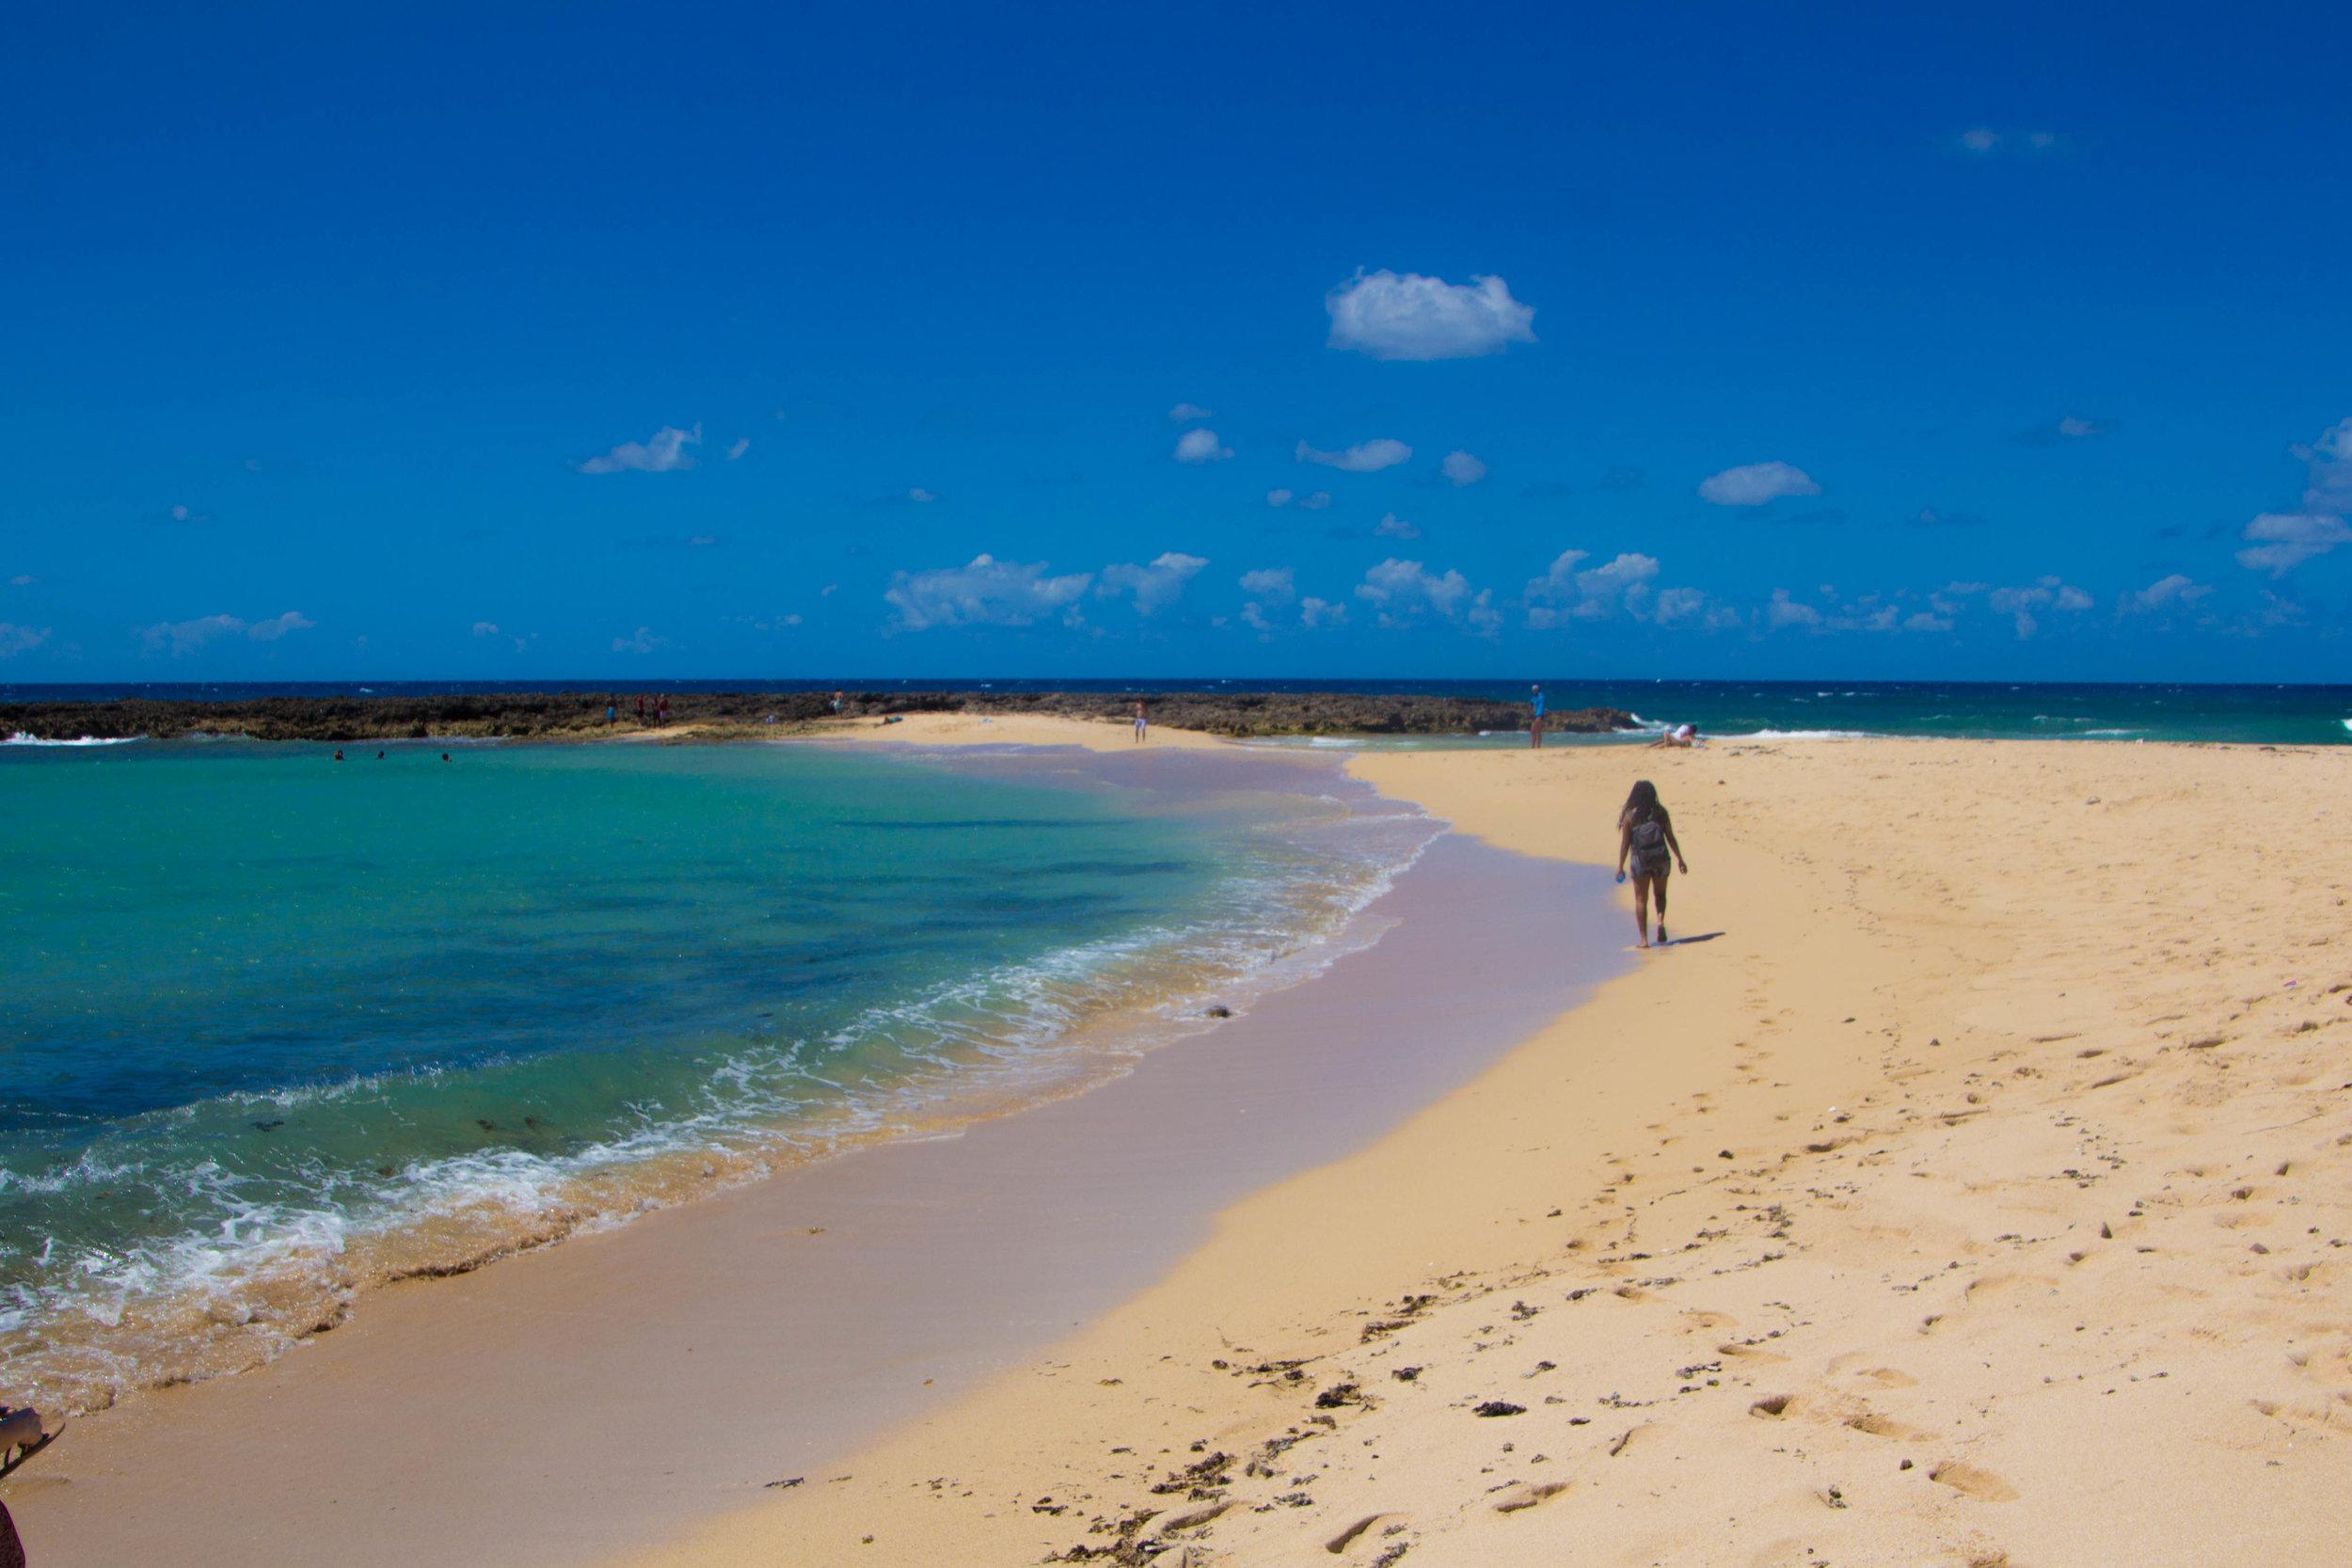 boca de camarioca cuba beach-1-2-2.jpg